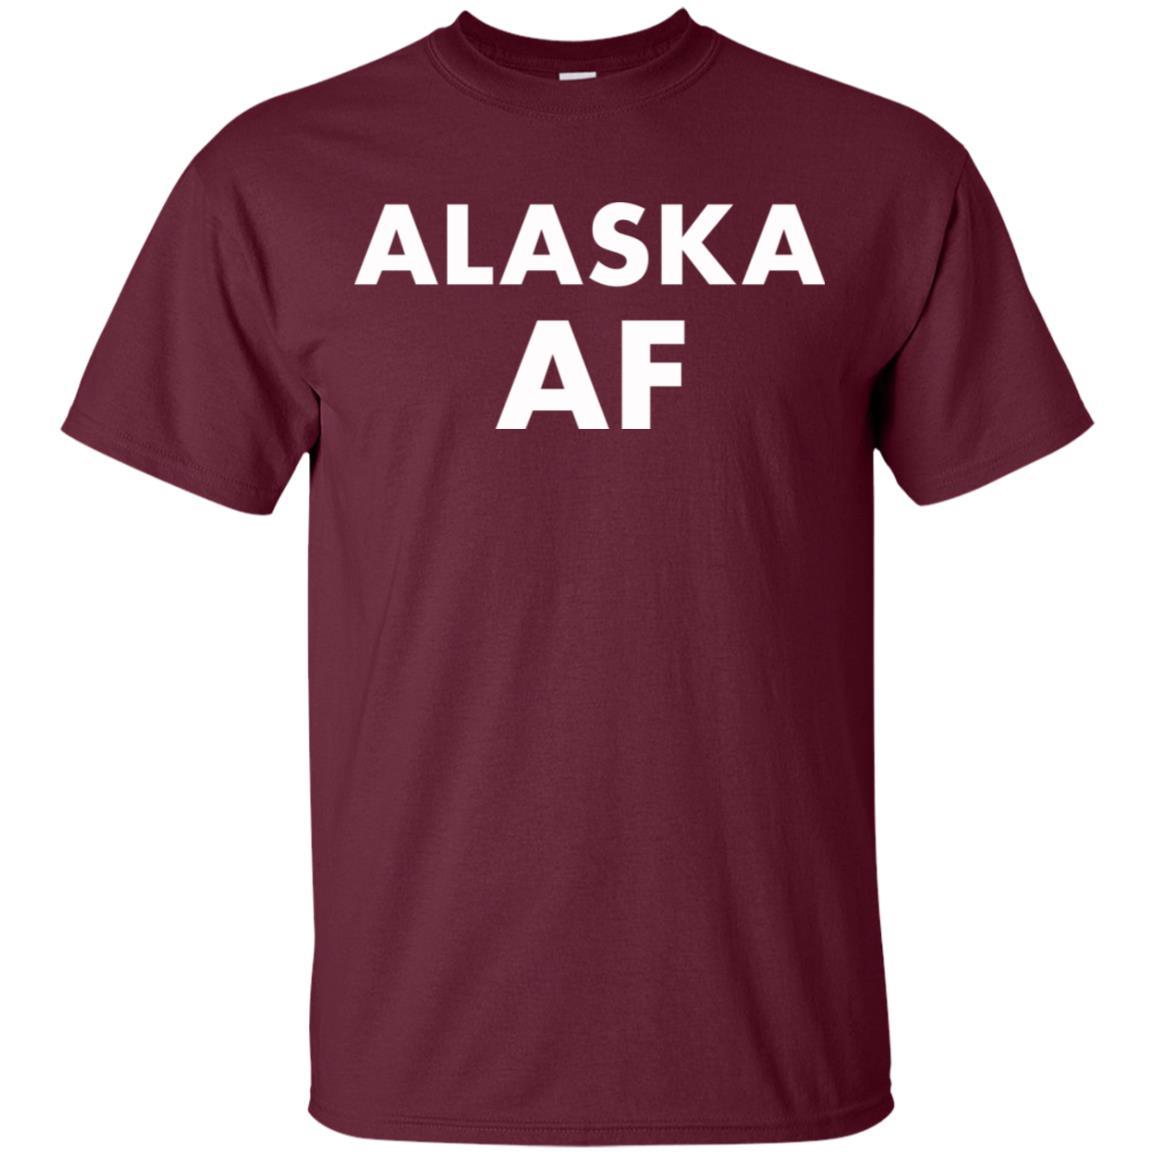 Alaska Af Love Your State Tee Unisex Short Sleeve